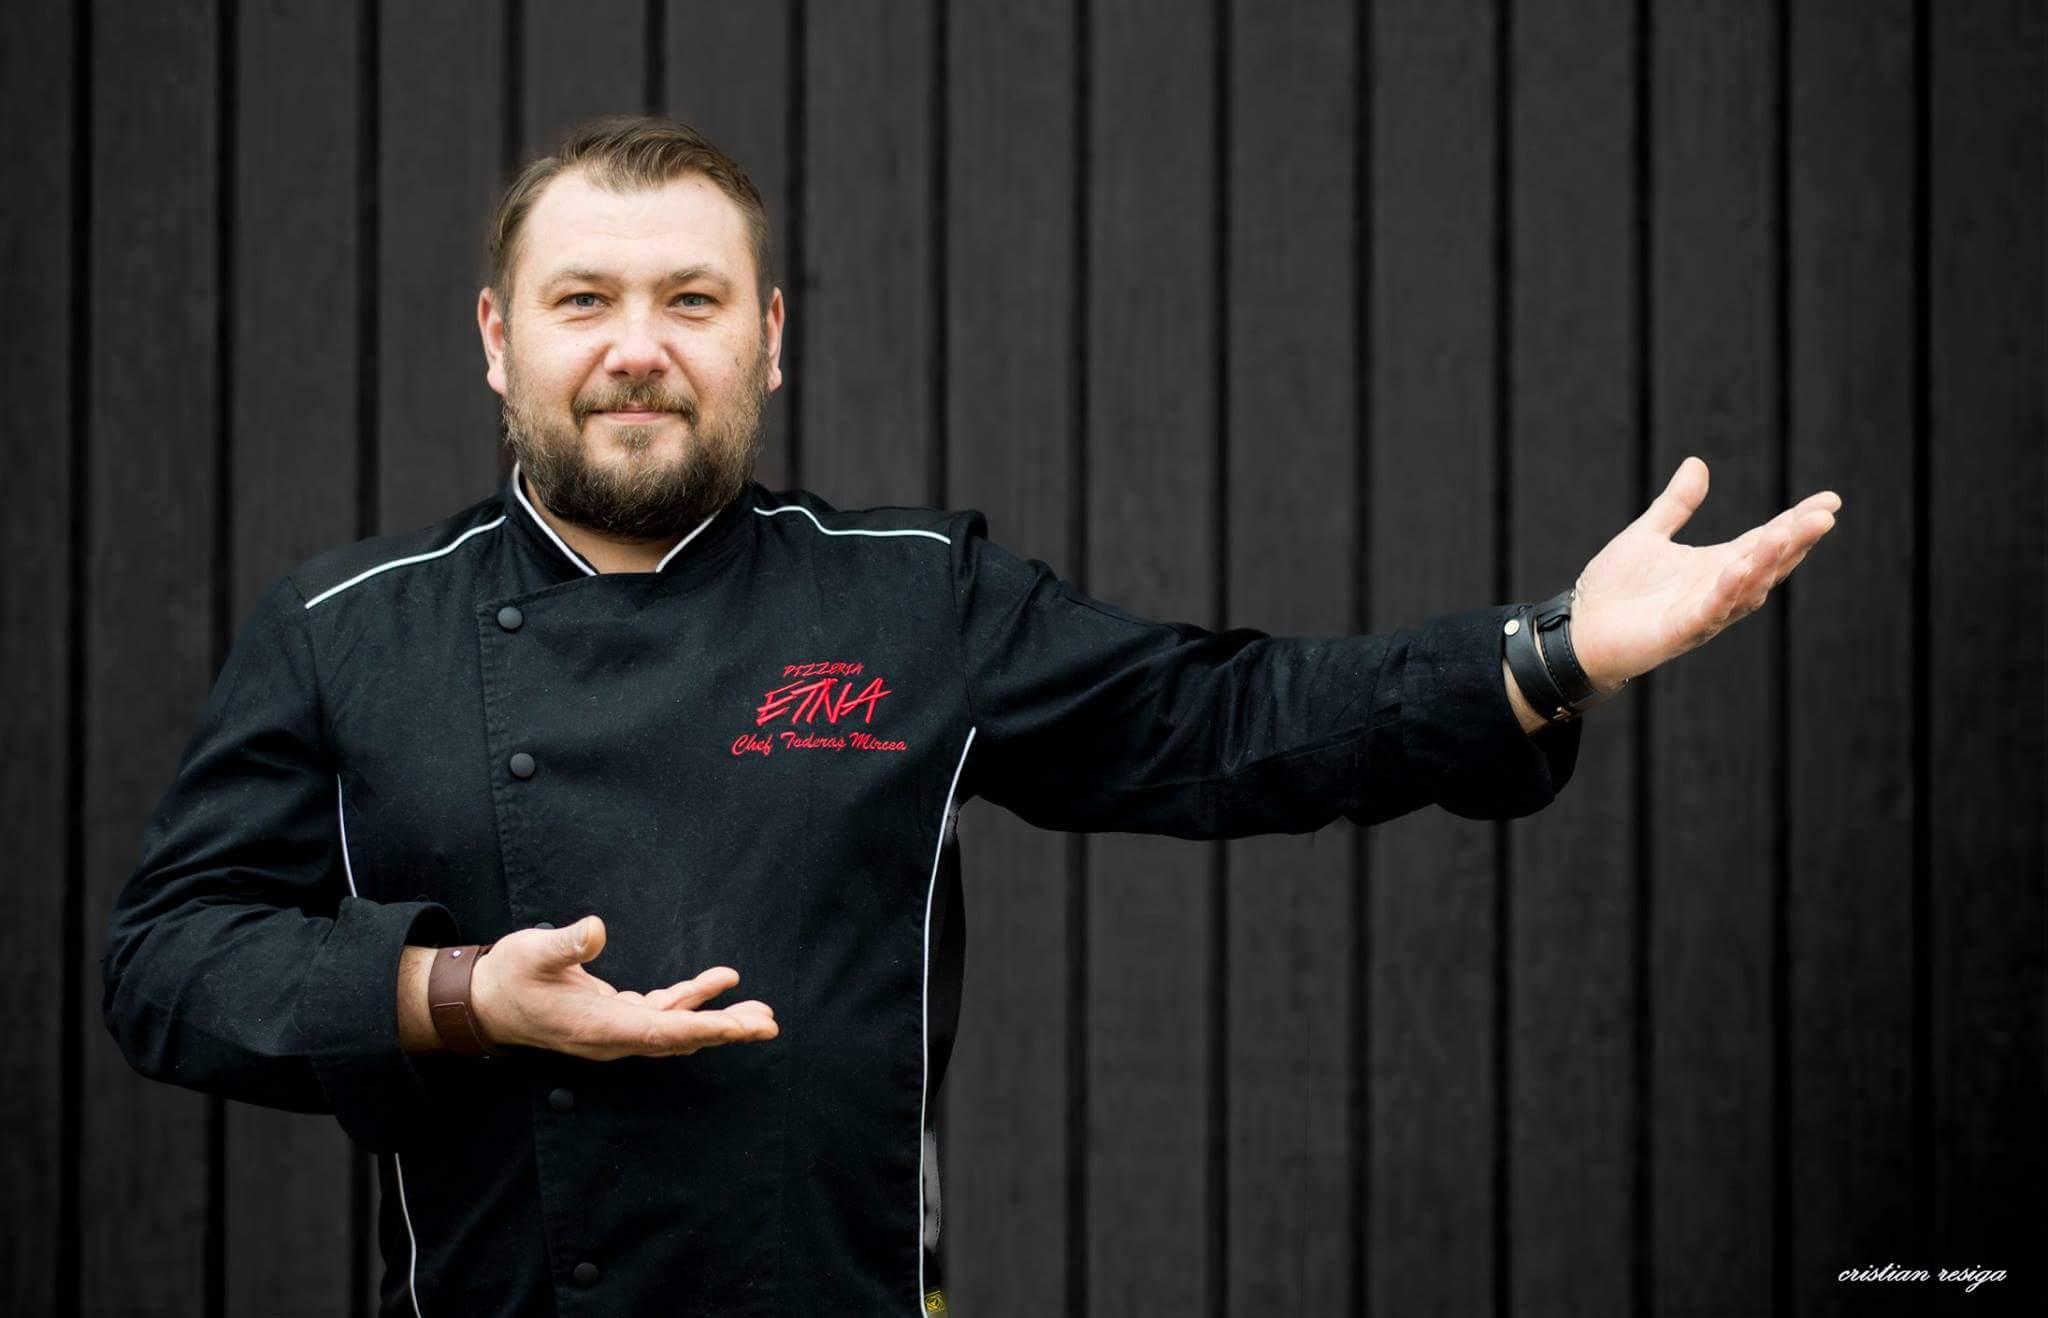 Pizza cu aur la Deva, pentru o cauză nobilă. Mircea Toderaș transformă preparatele în adevărate opere de artă